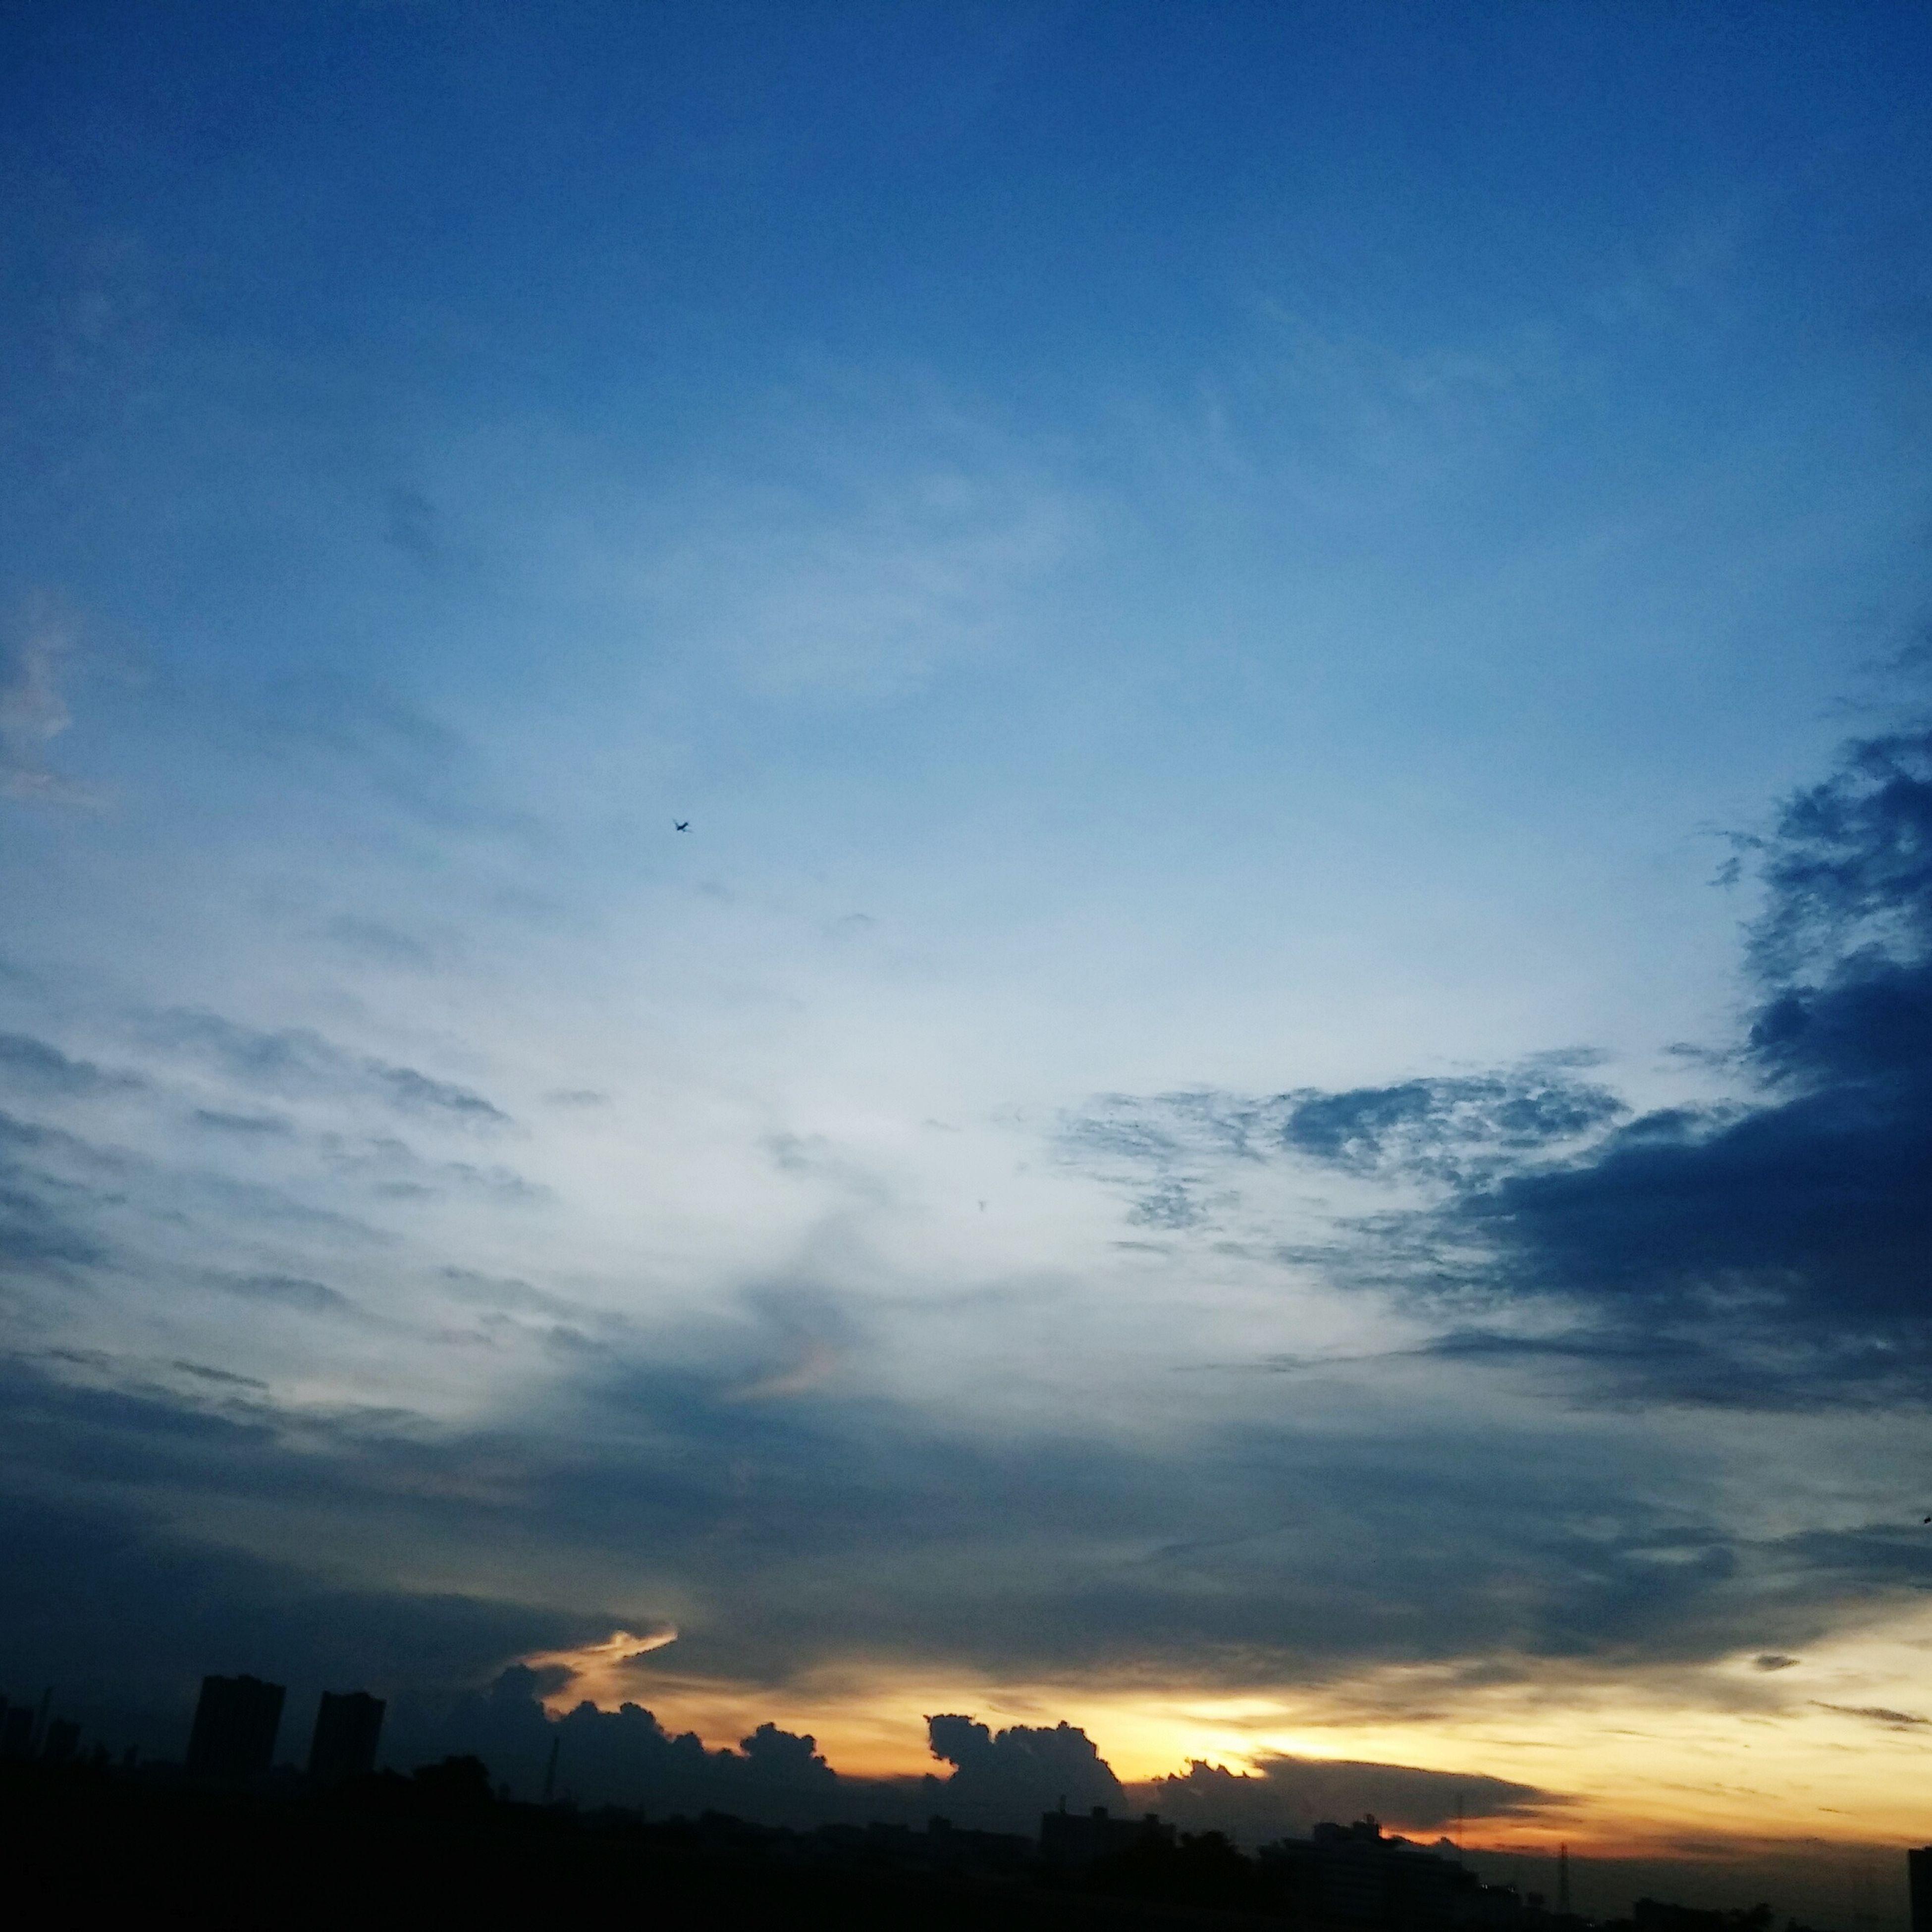 ใต้ท้องฟ้าที่กว้างใหญ่...ยังไม่อะไรให้เรียนรู้อีกเยอะ..,,ขอบคุณท้องฟ้าประเทศไทย